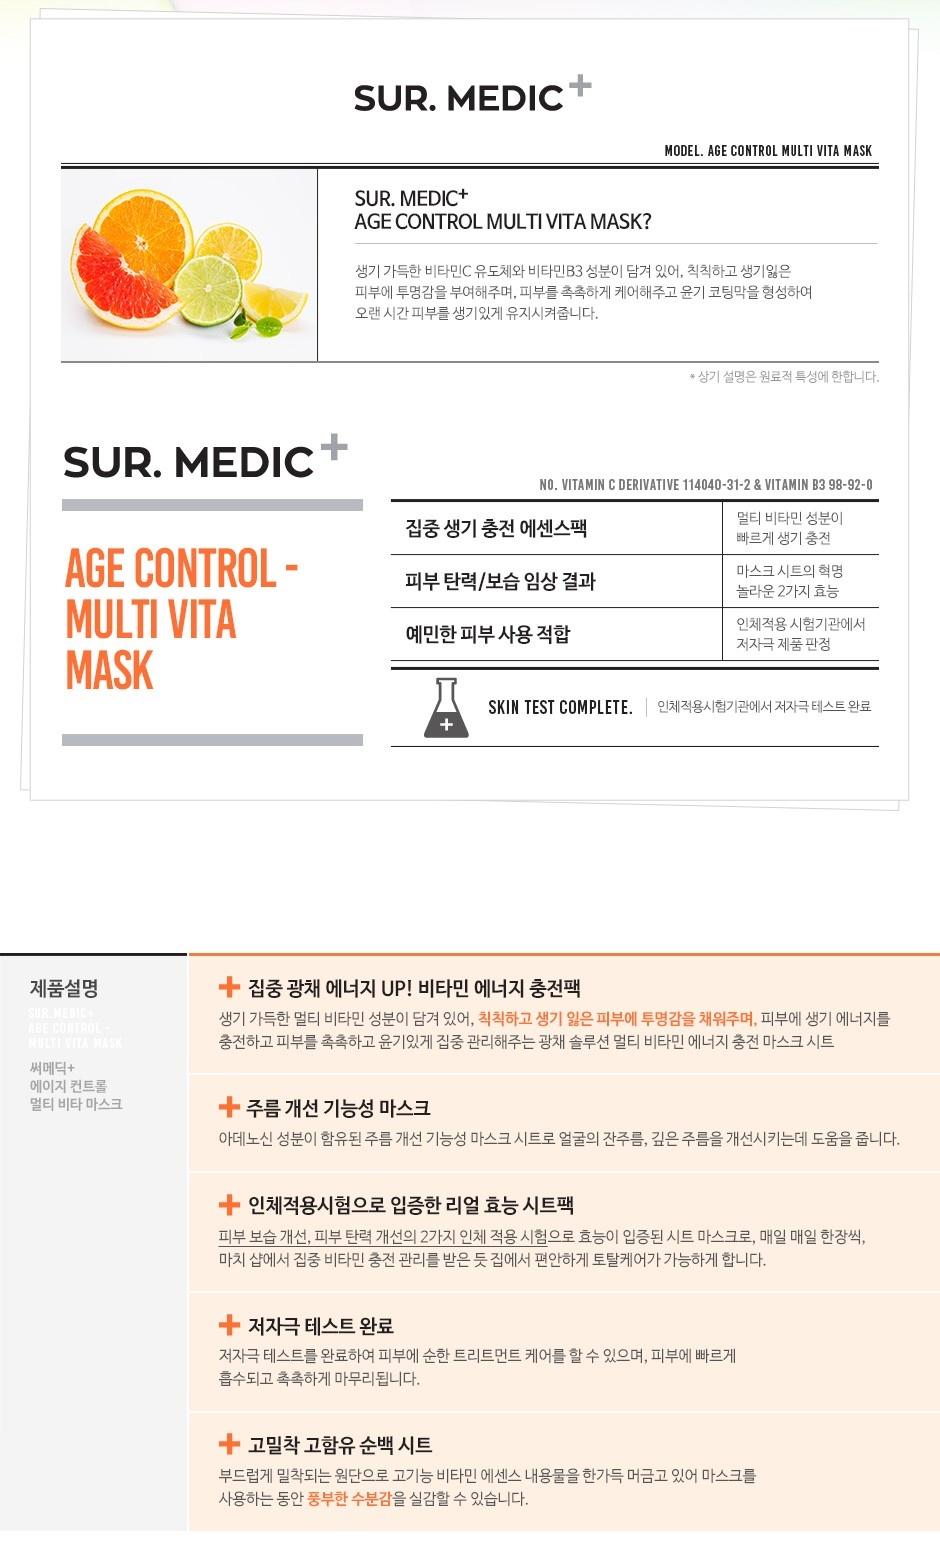 Surmedic Age Control Multi Vita Mask-3